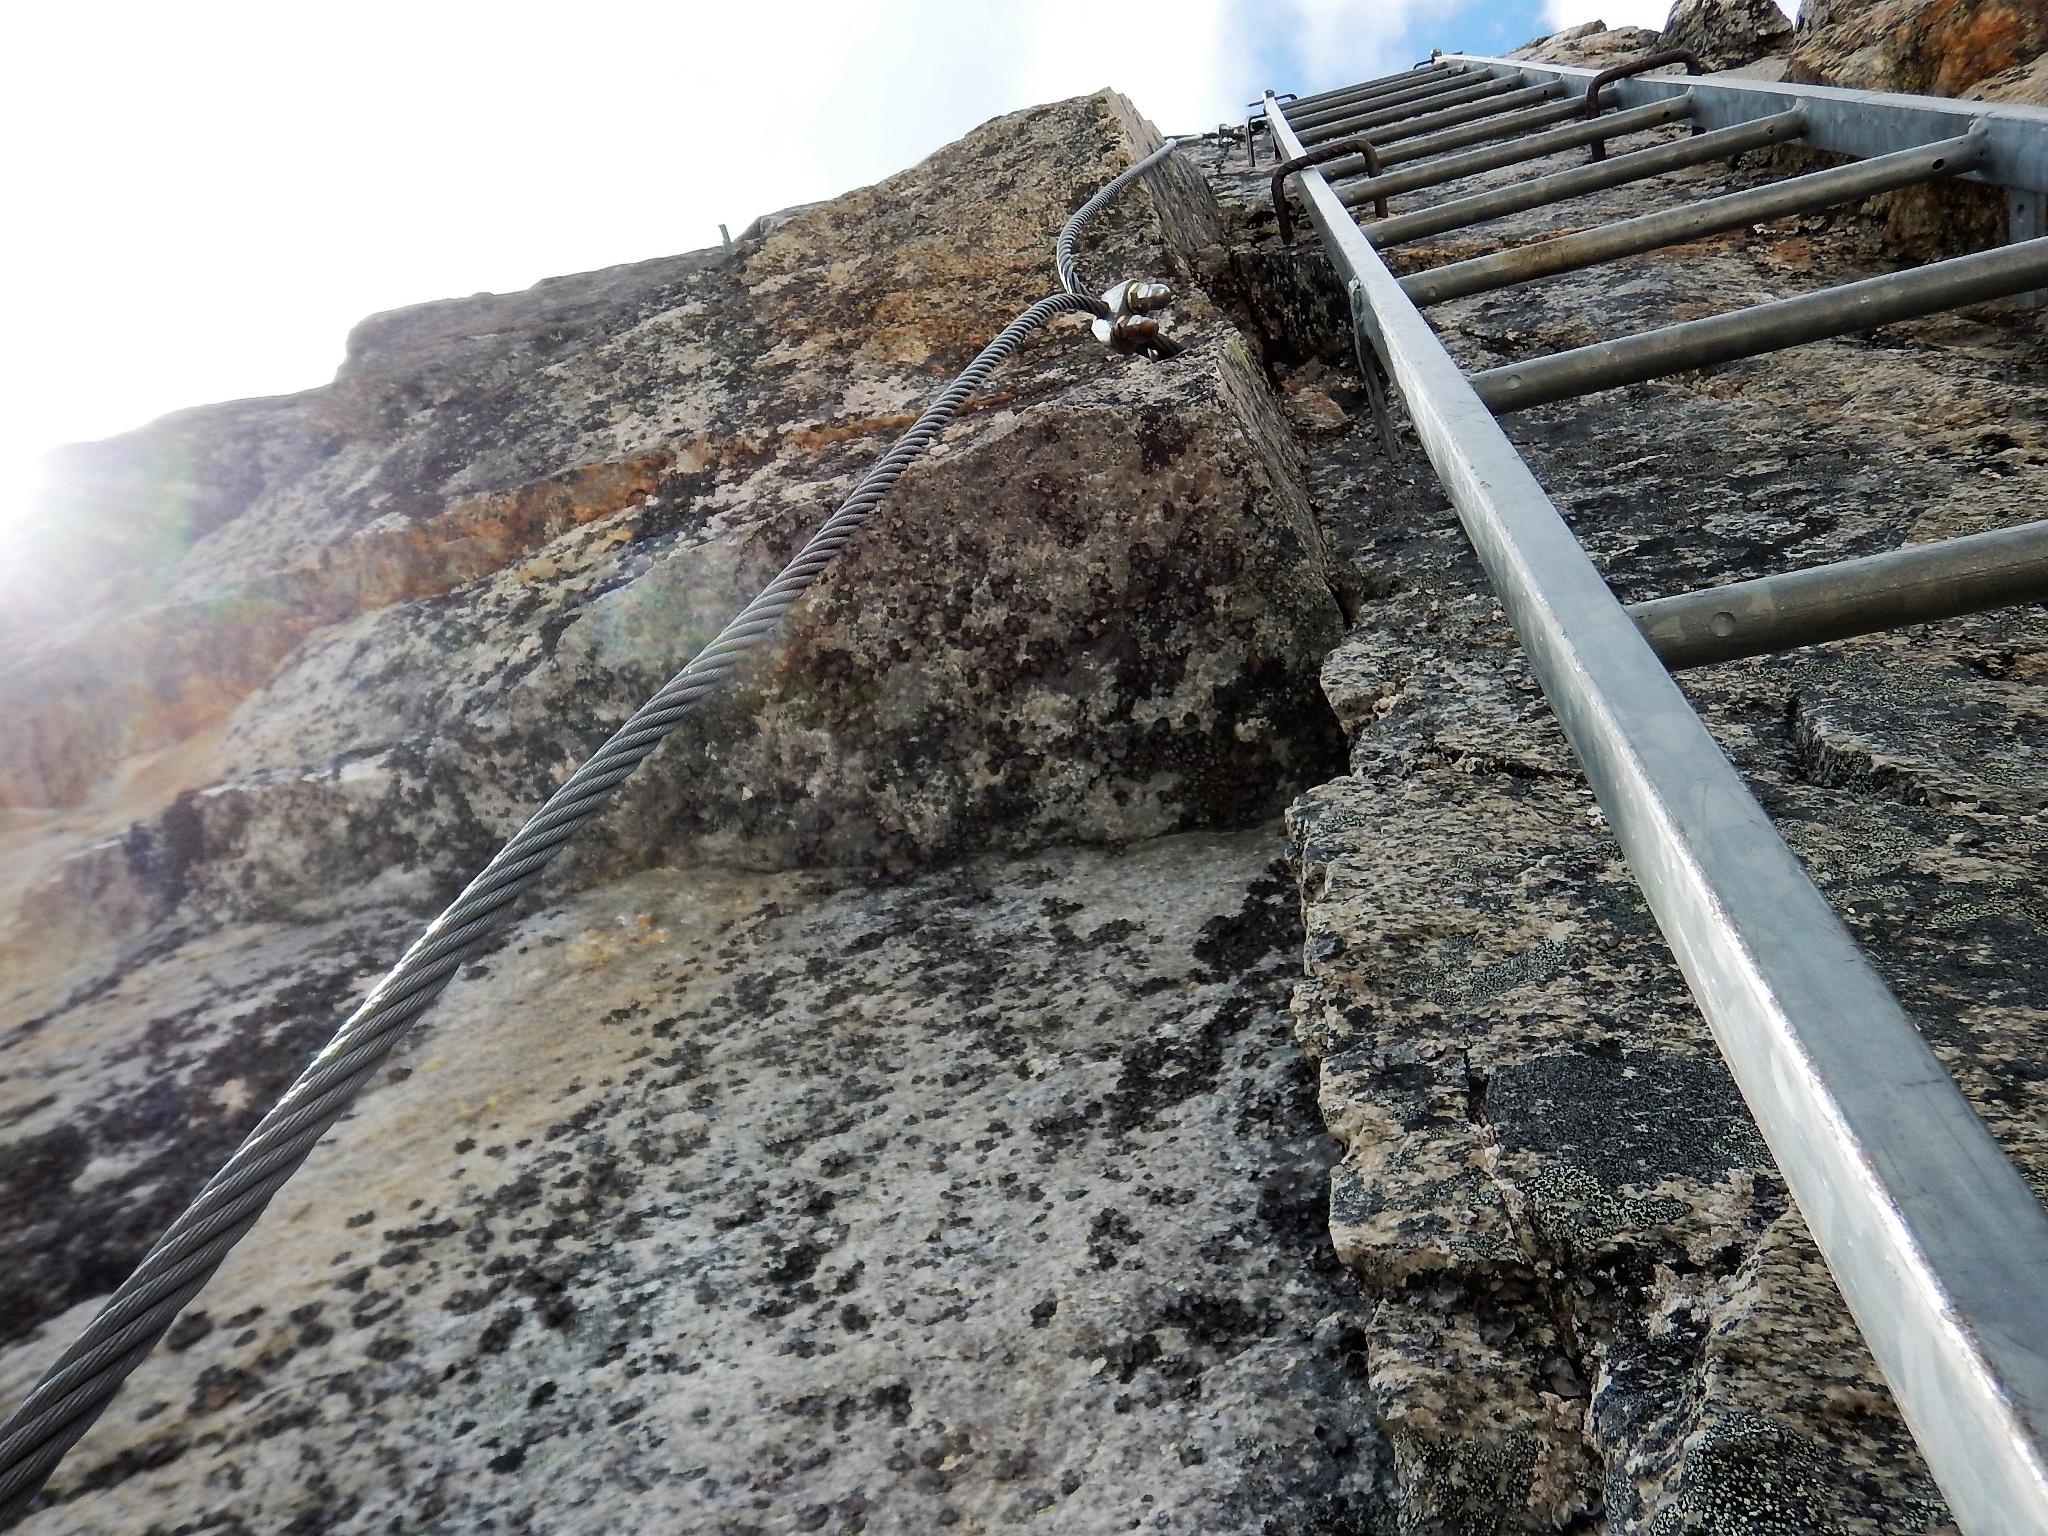 Klettersteig österreich : Seewand klettersteig via ferrata am hallstätter see